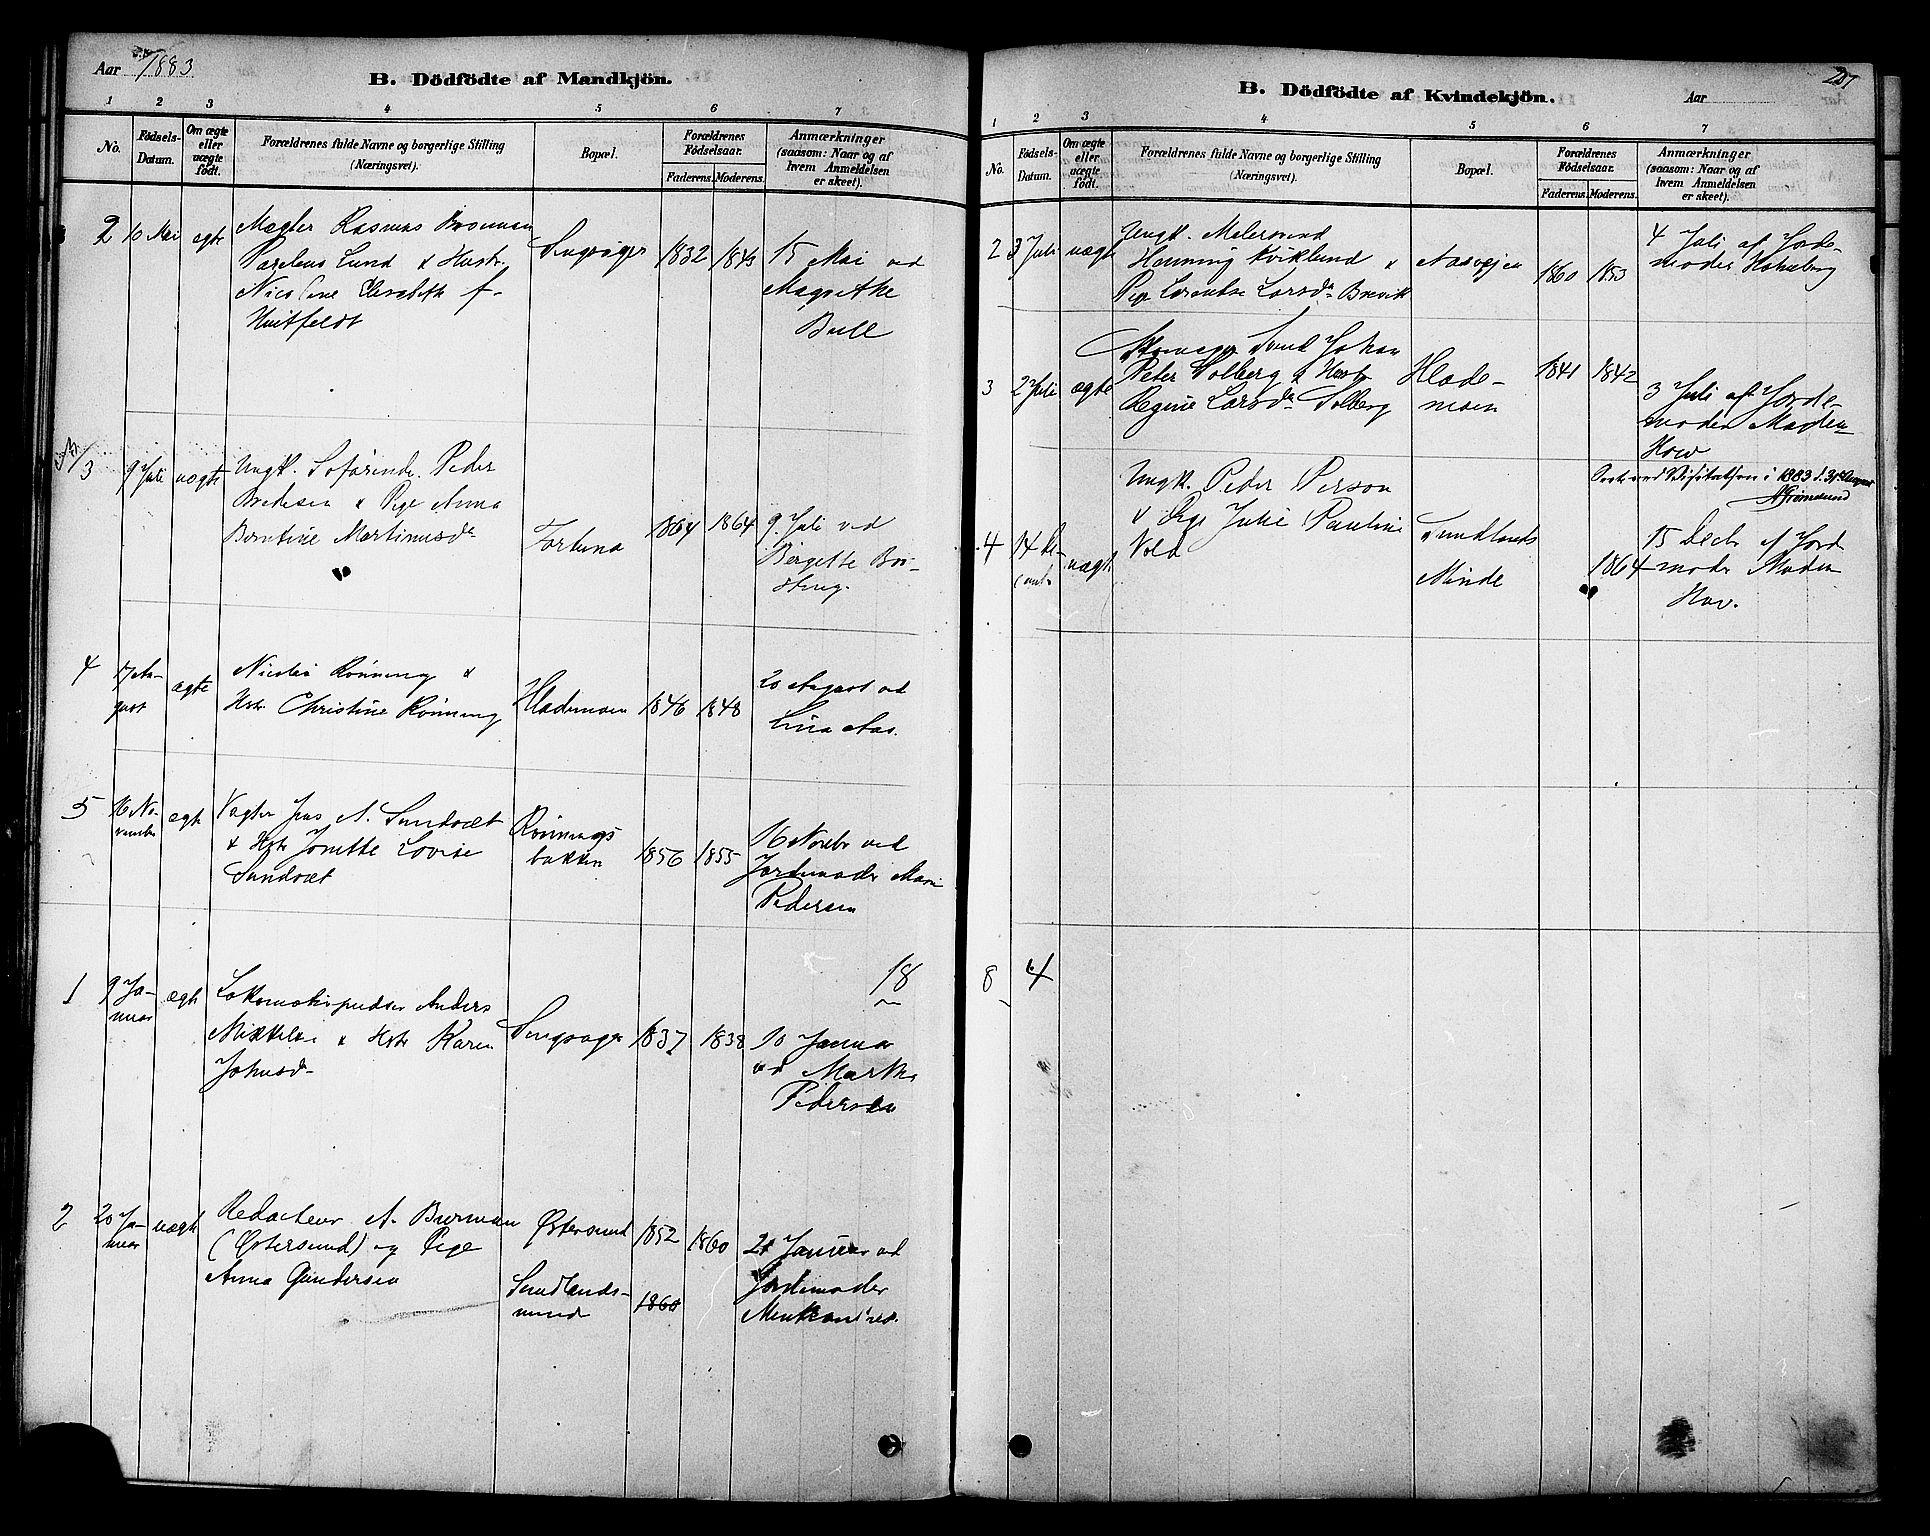 SAT, Ministerialprotokoller, klokkerbøker og fødselsregistre - Sør-Trøndelag, 606/L0294: Ministerialbok nr. 606A09, 1878-1886, s. 207